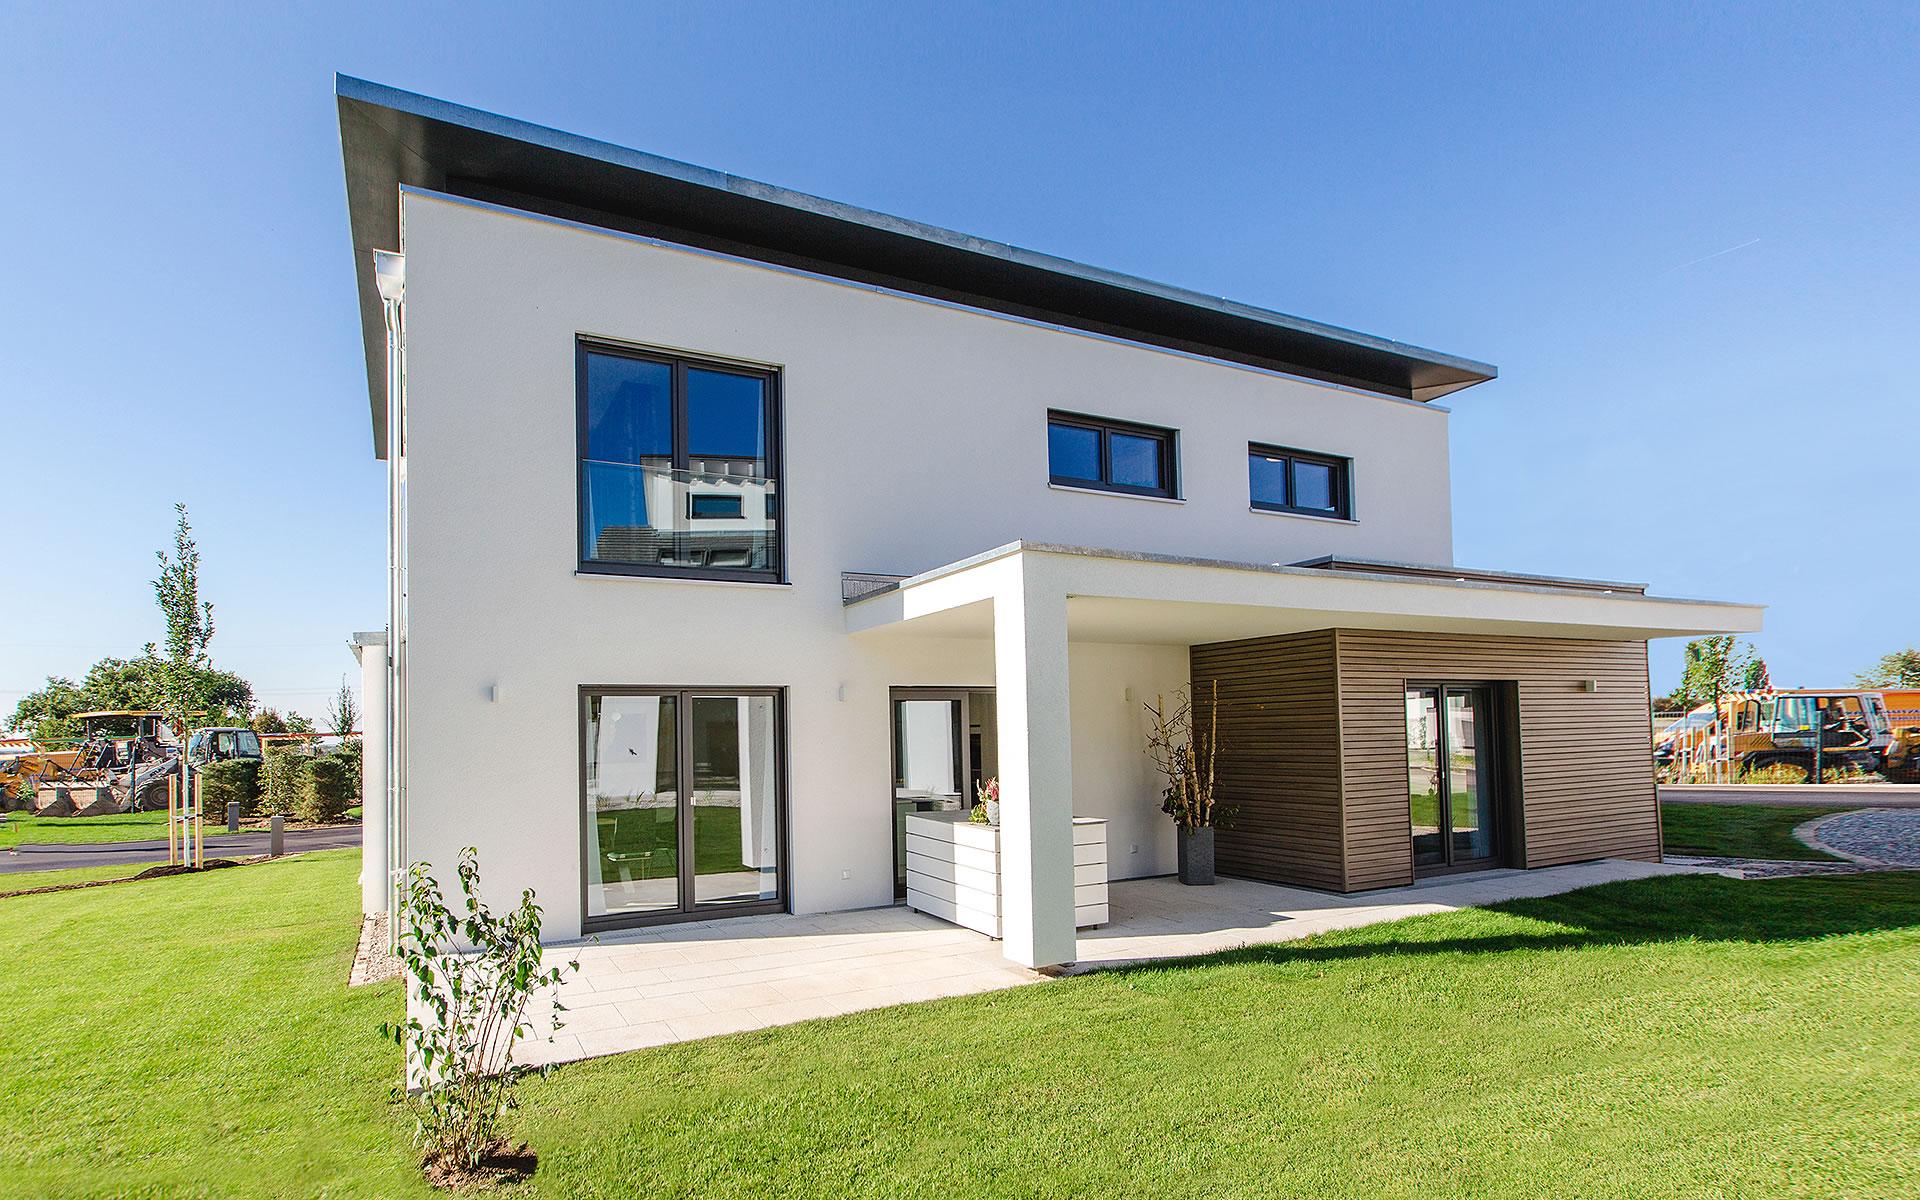 CubeX (Musterhaus) von FischerHaus GmbH & Co. KG